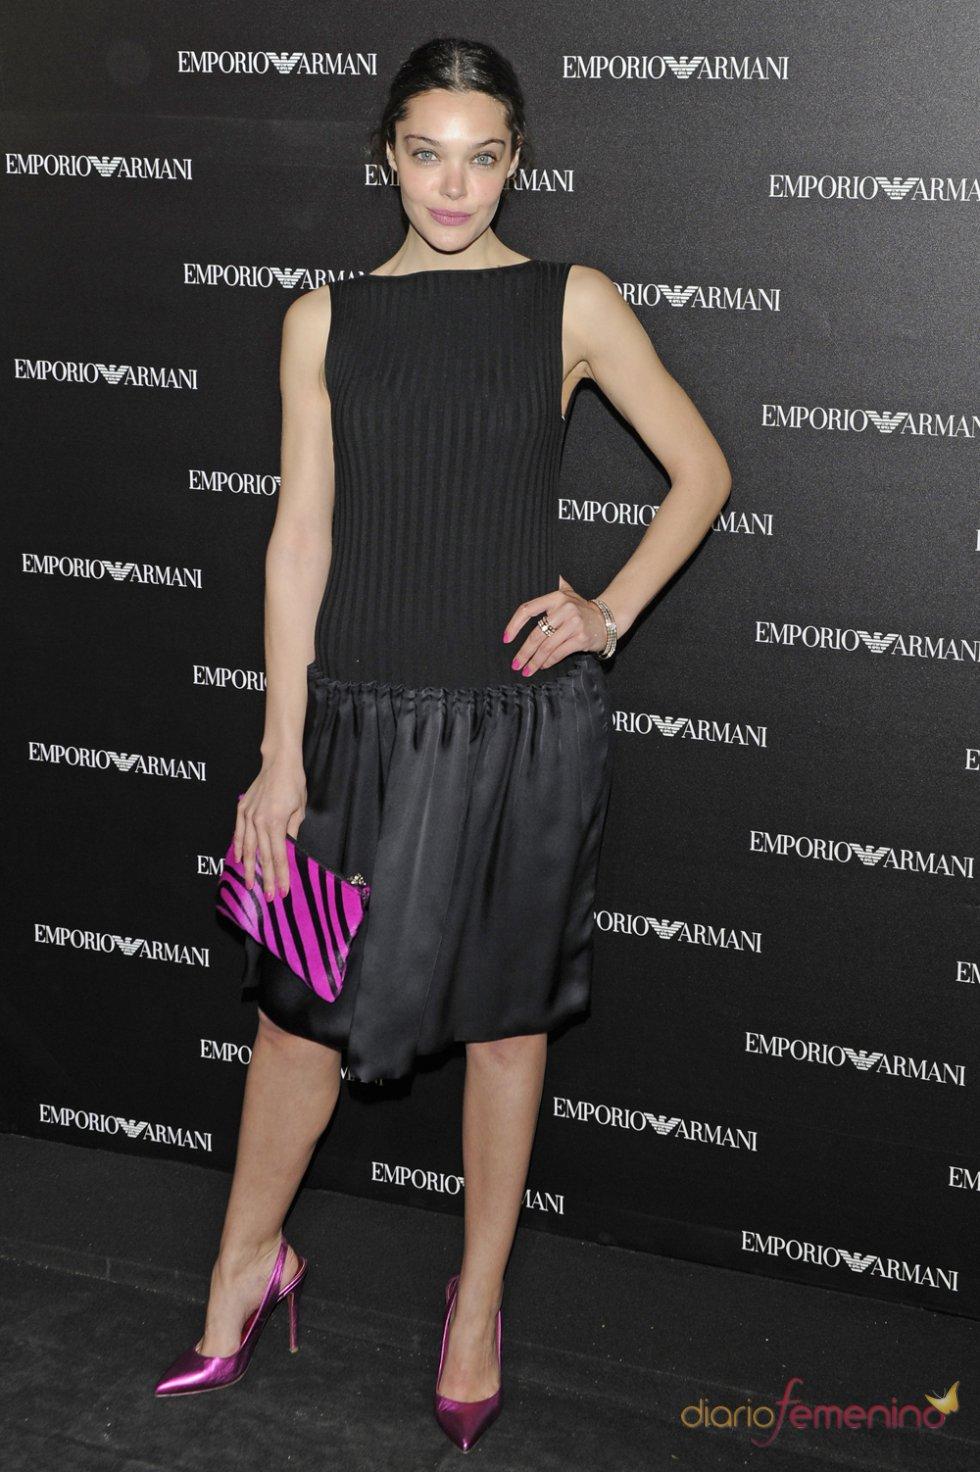 La actriz Ana Rujas en la inauguración de la tienda Emporio Armani en Madrid